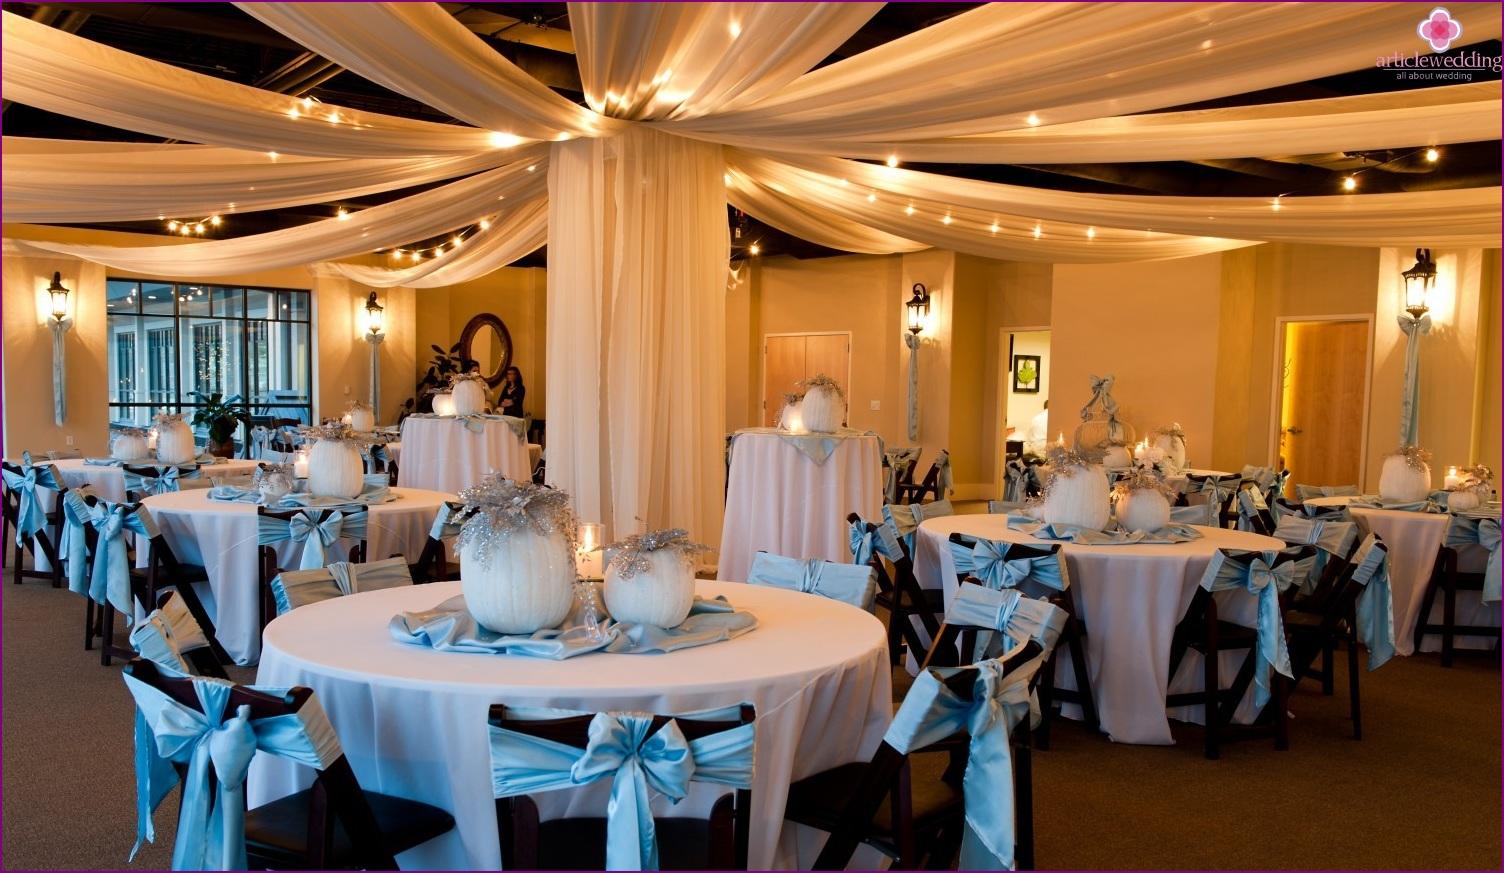 Un mariage dans le style de cendrillon un monde de for Decoration conte de fee